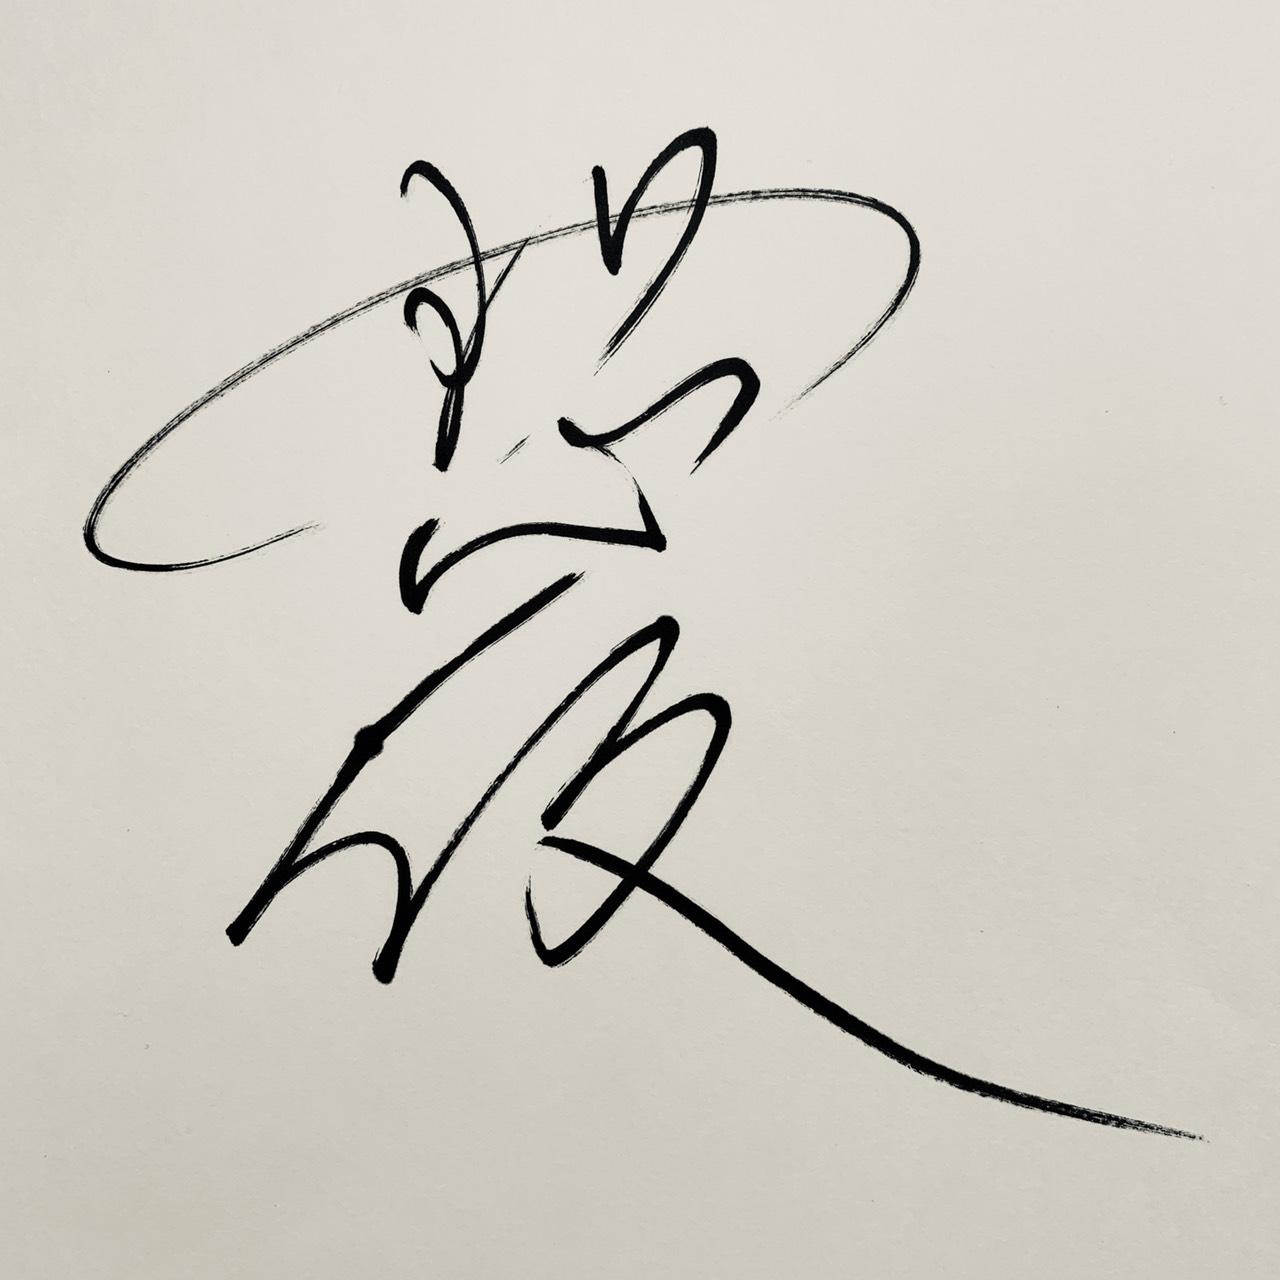 龍玄氏書の巨人伊藤優の幻のパターン3のサイン(書道家・龍玄氏提供)